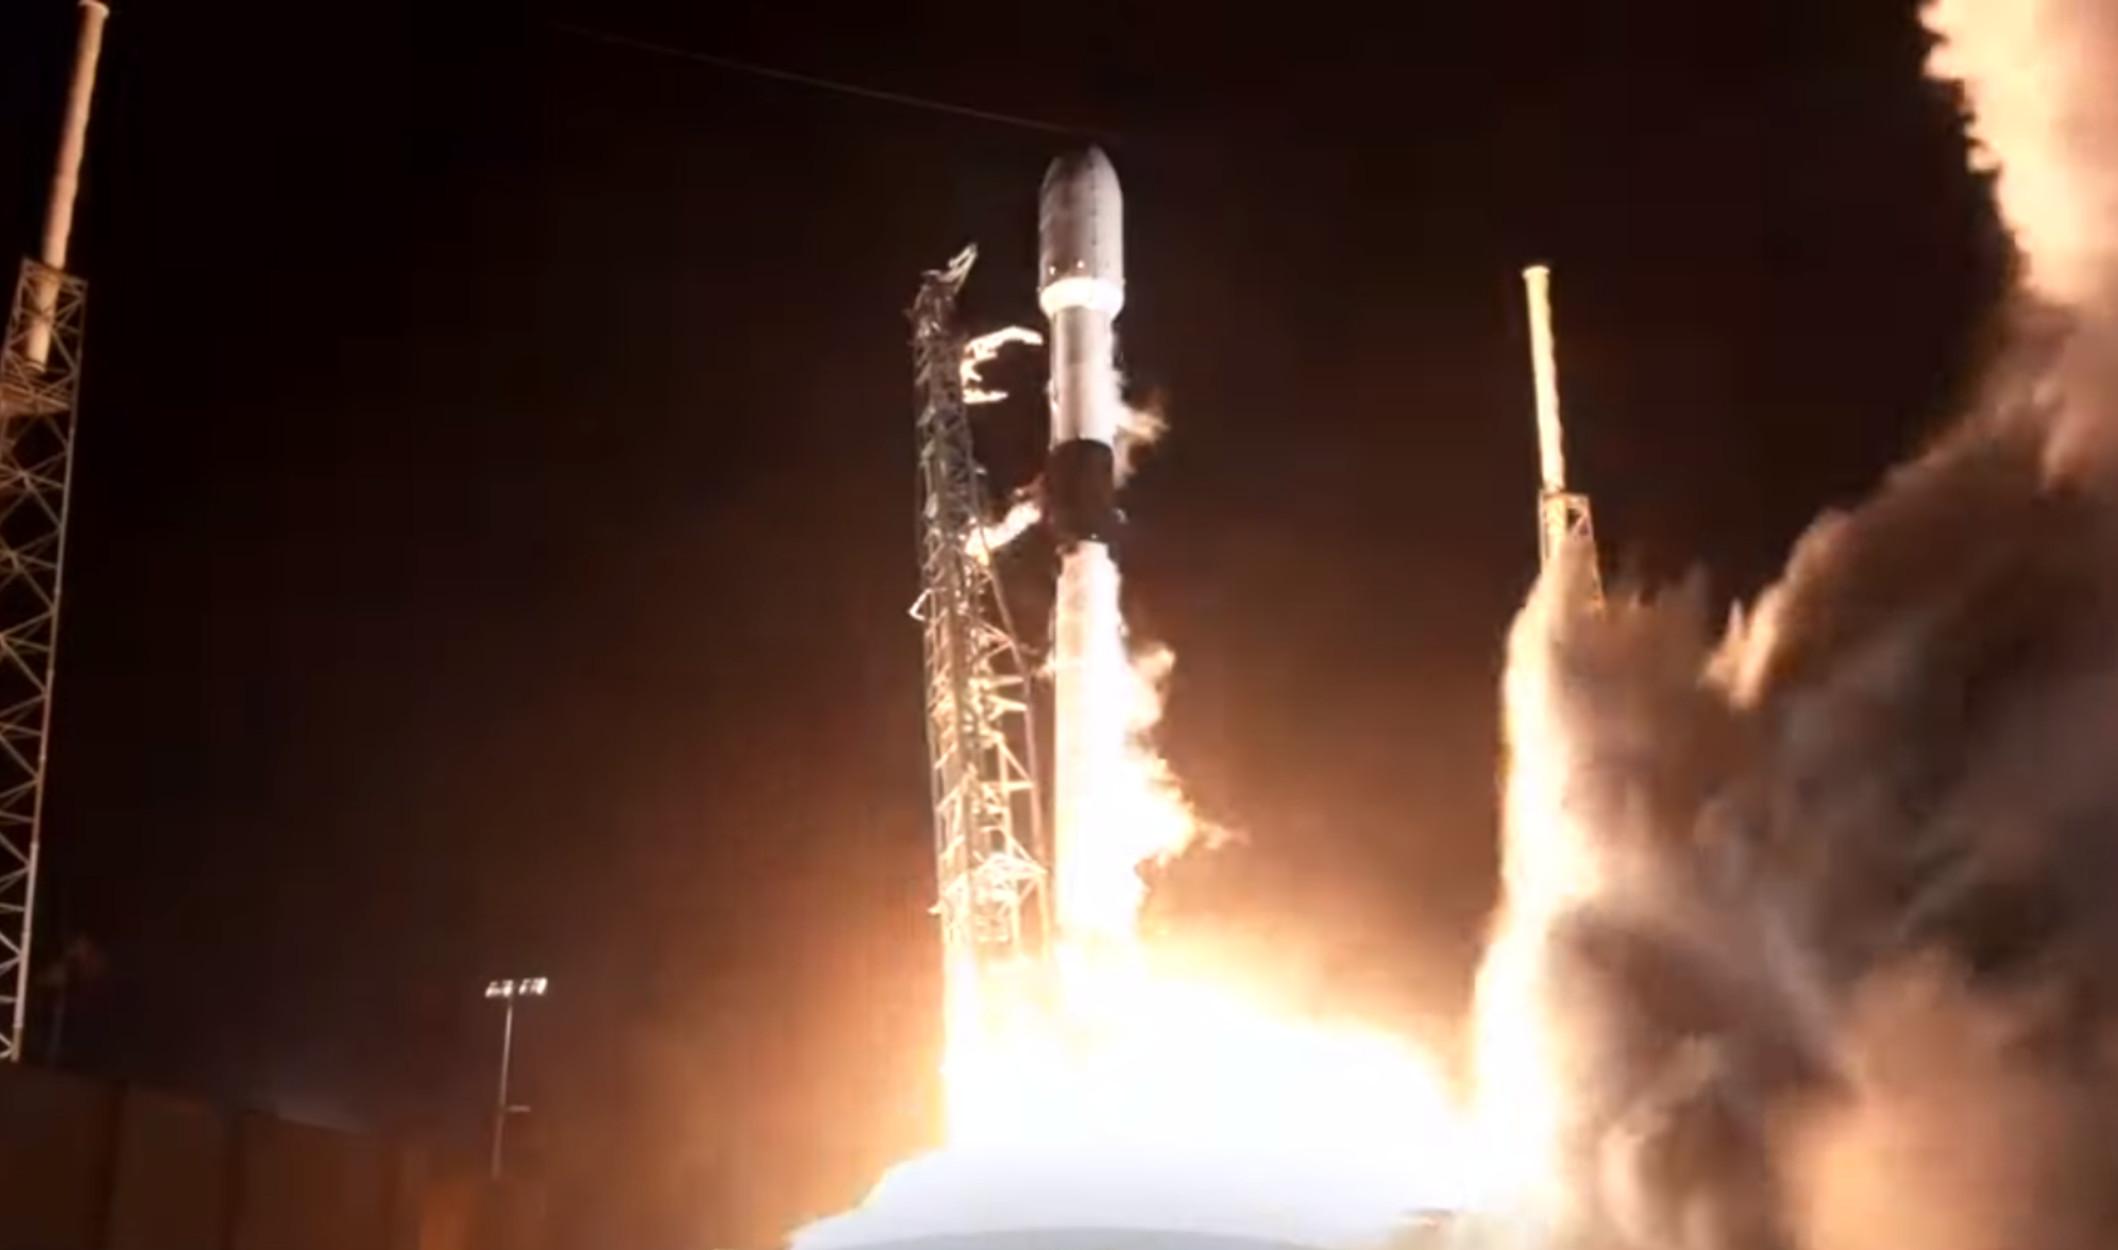 Ο Έλον Μασκ εκτόξευσε τον τουρκικό δορυφόρο (video)